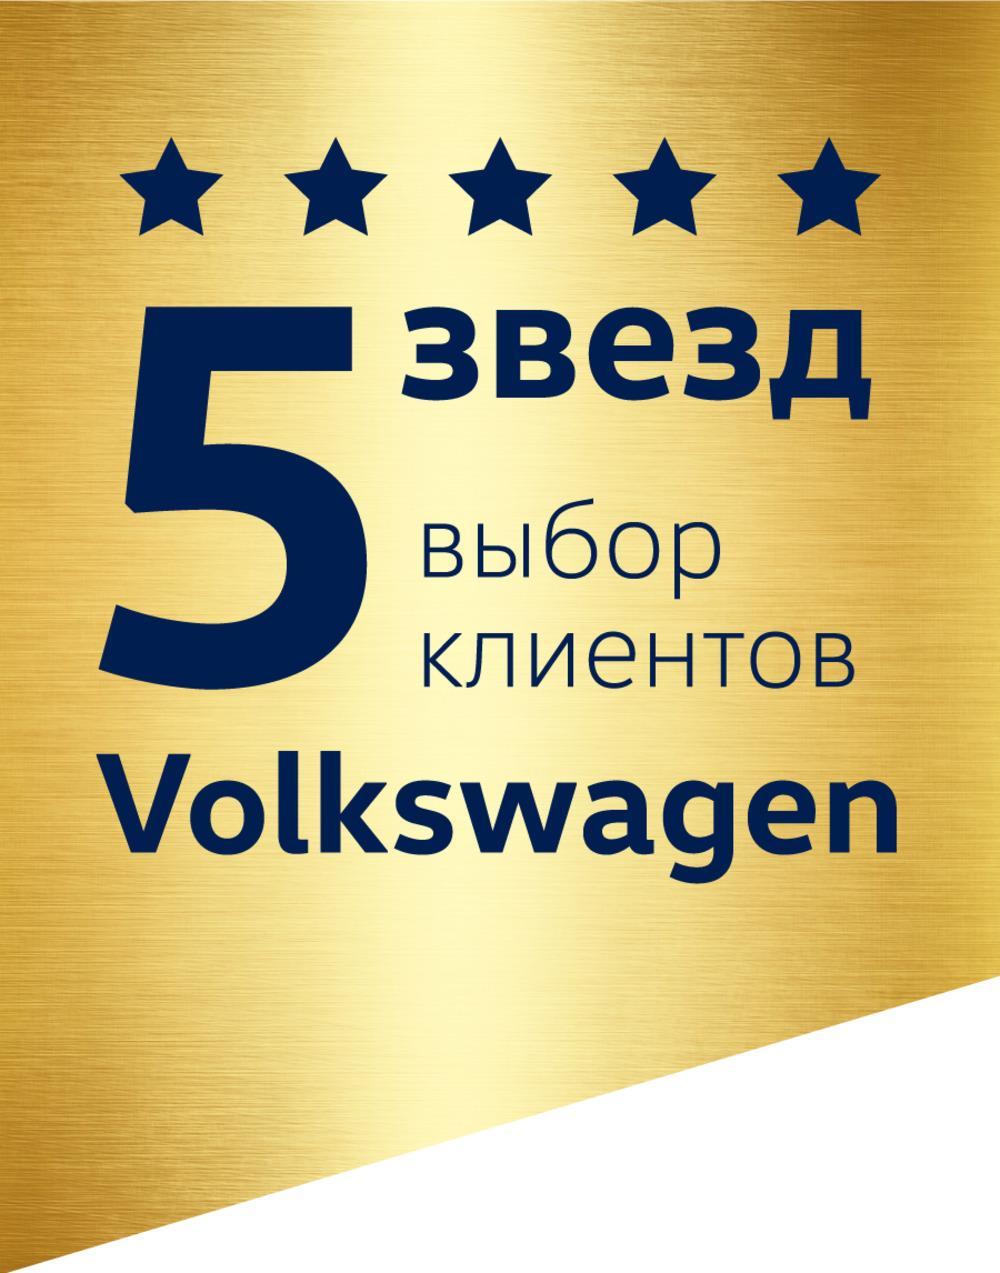 Клиенты Volkswagen выбрали дилеров уровня 5 звёзд (dealer 5 stars)